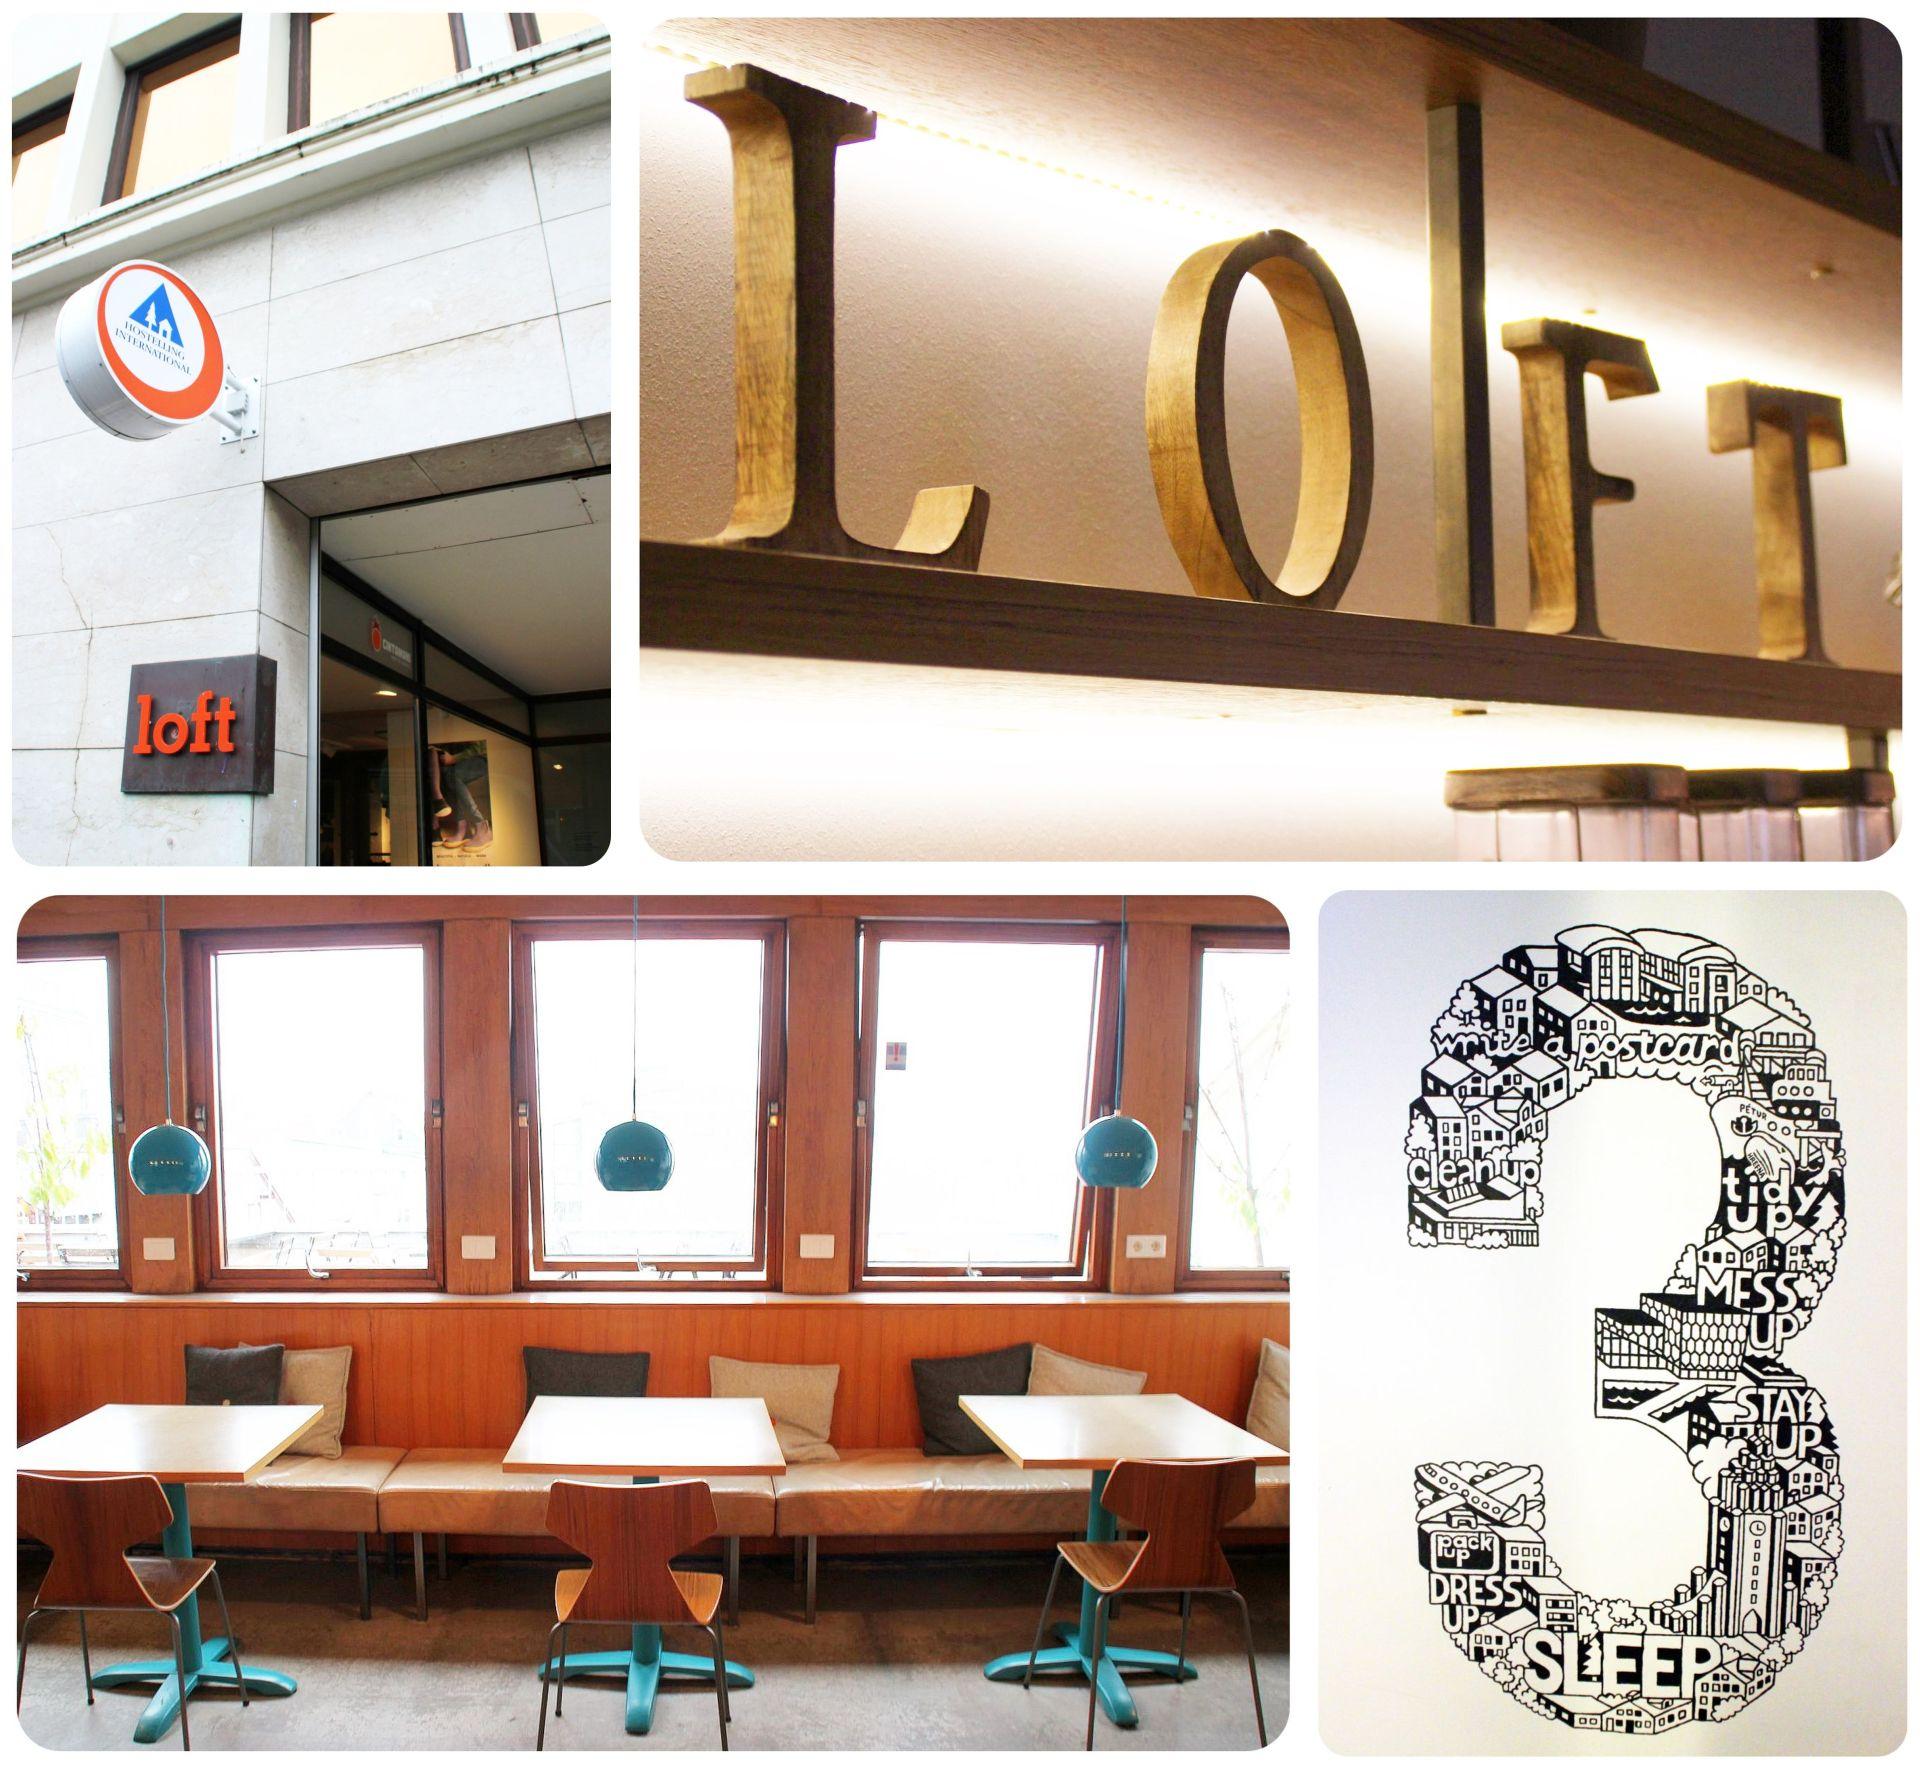 Reykjavik Loft Hostel